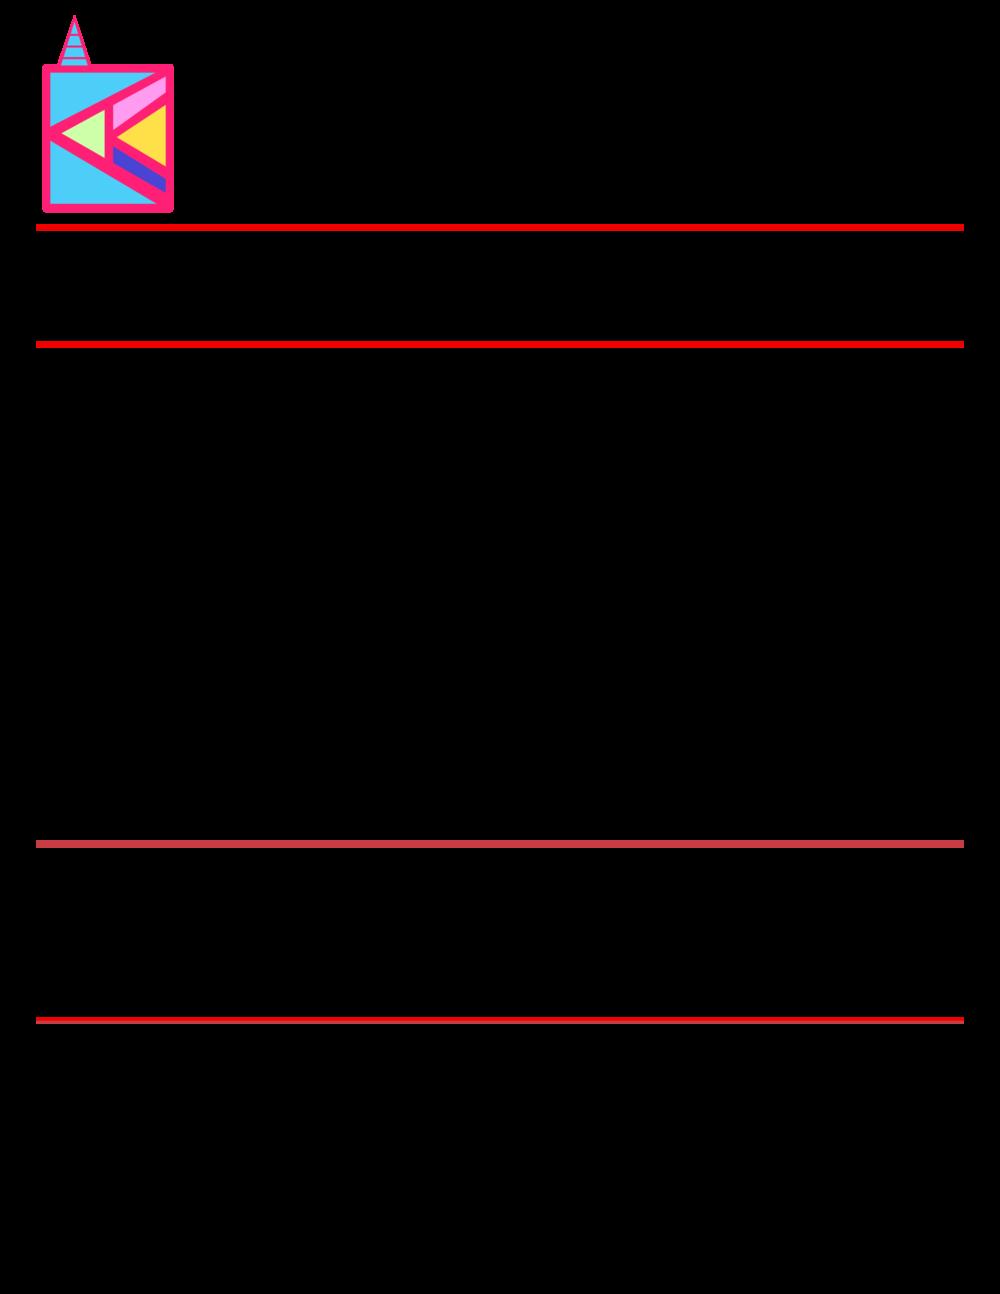 kevinkim_resume2.png